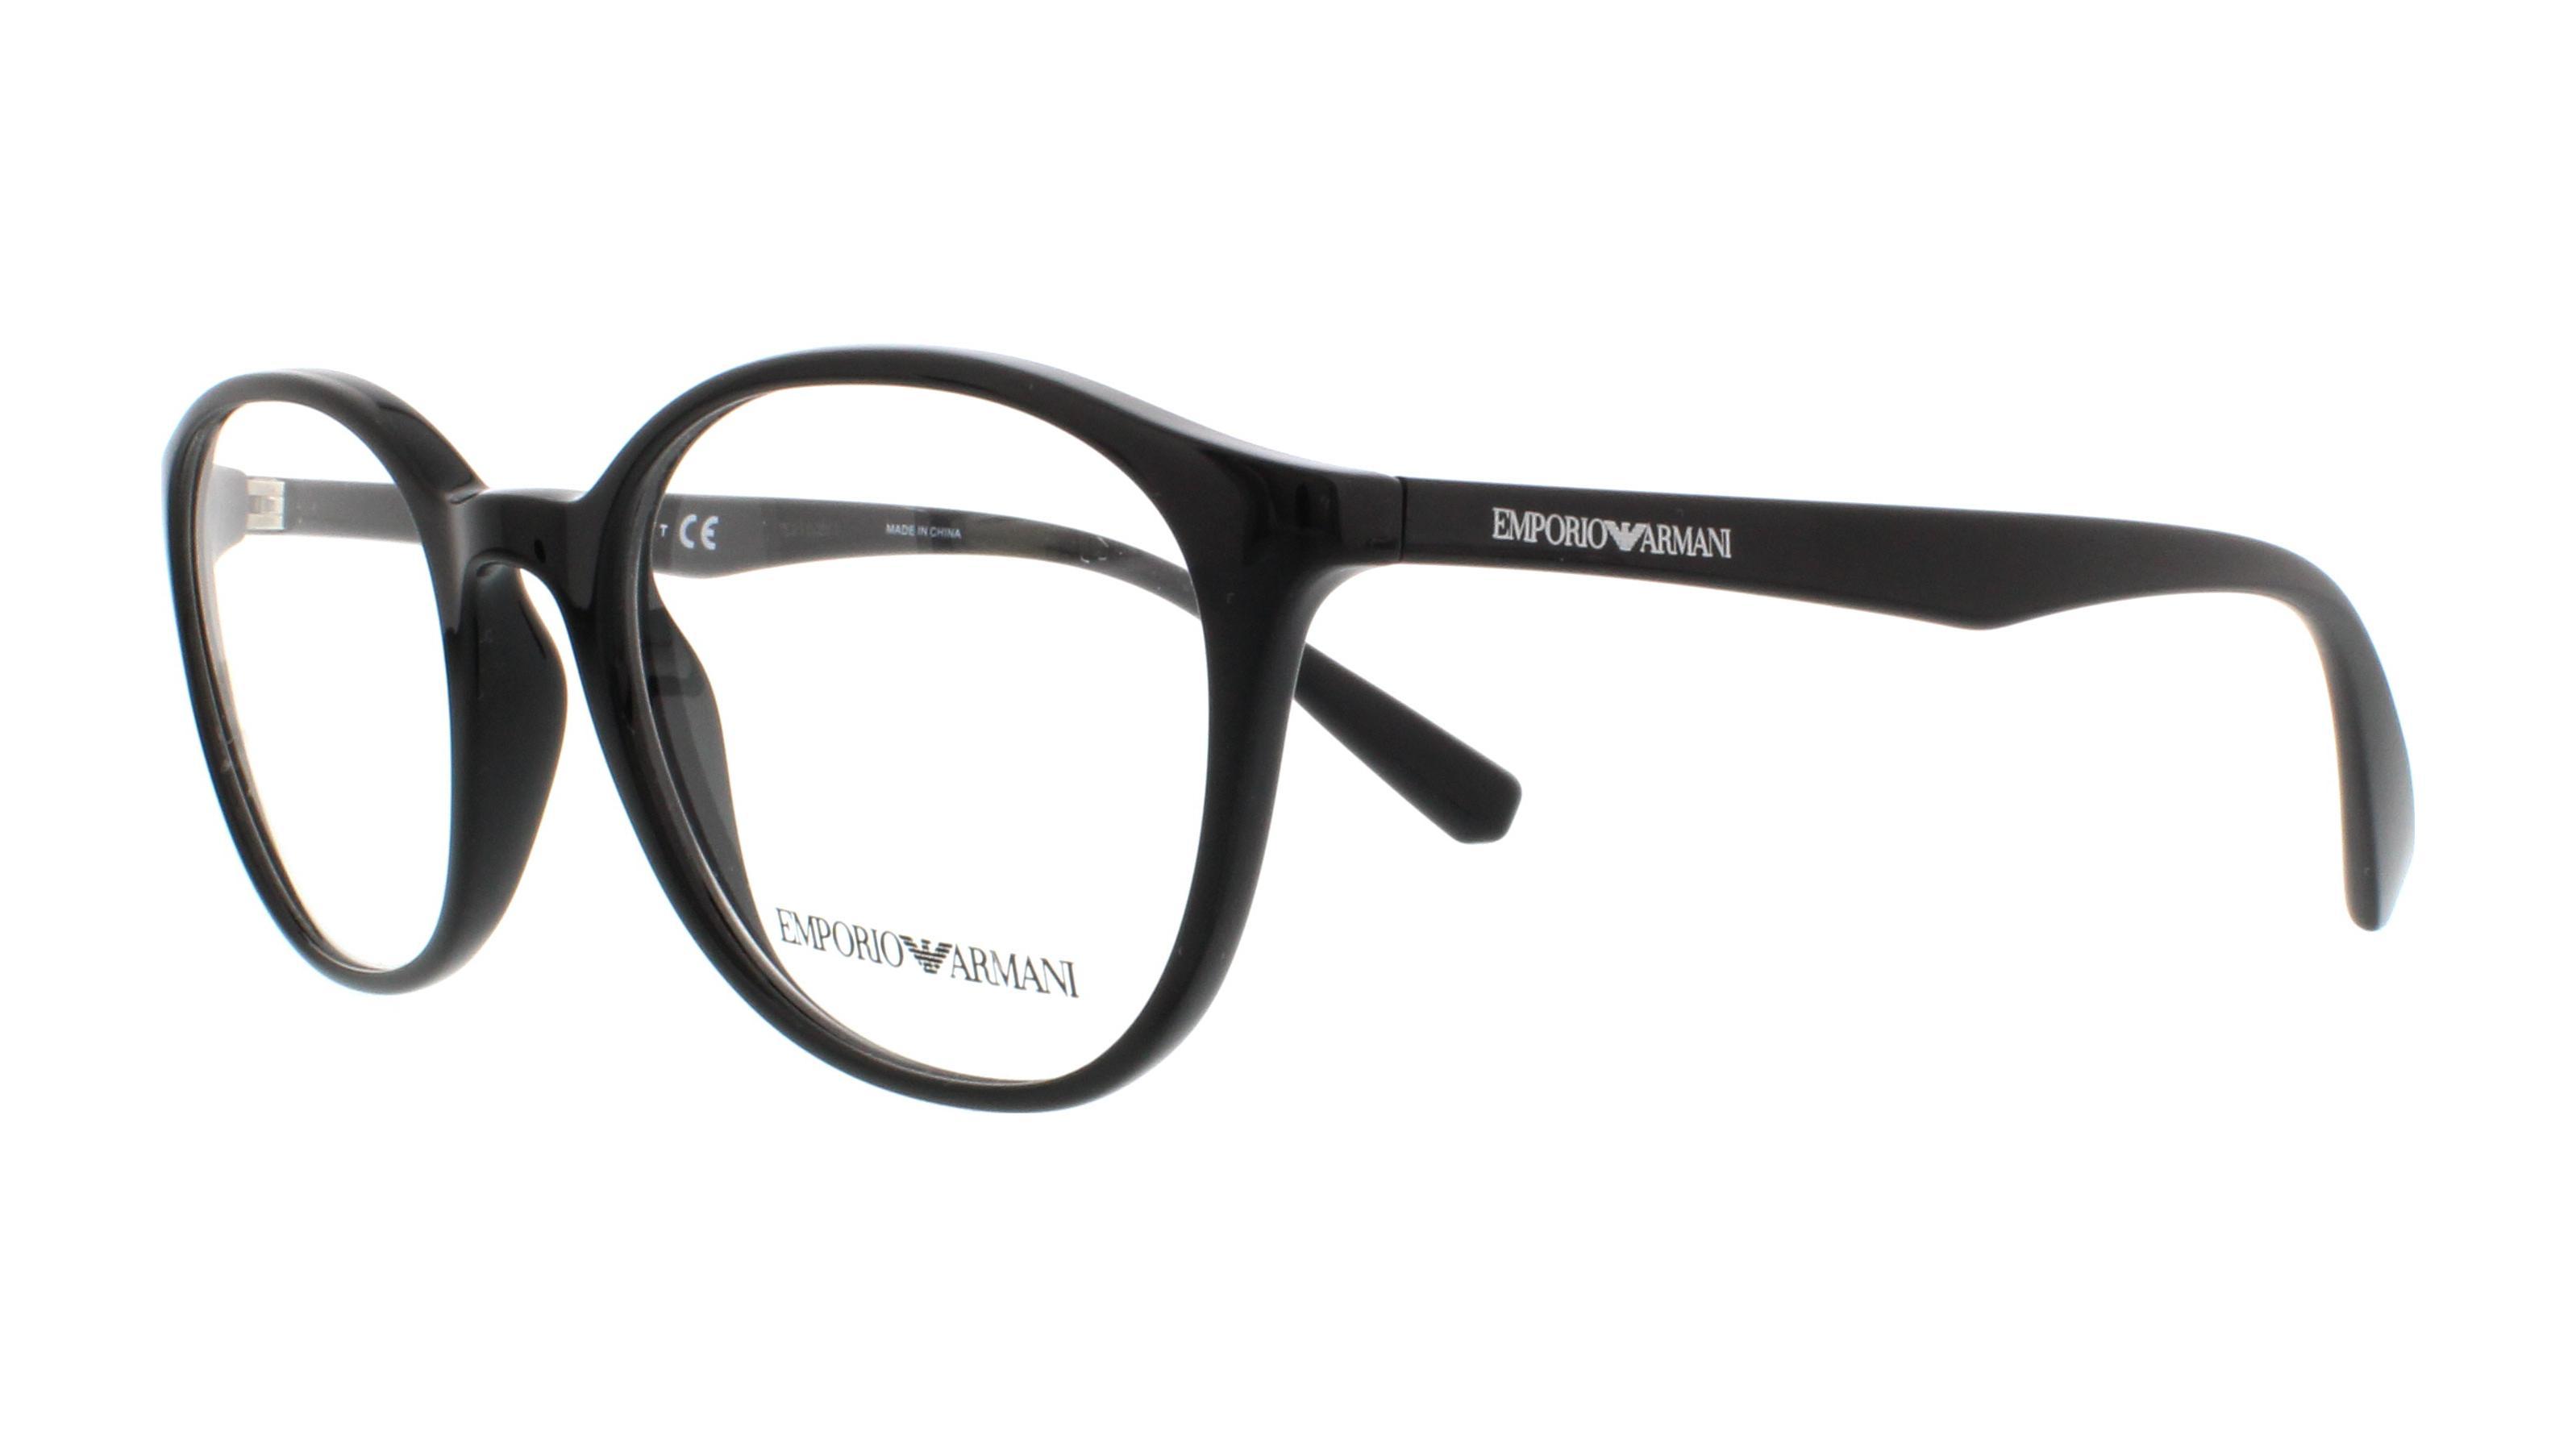 Emporio Armani - Occhiale da Vista Donna, Matte Black  EA3079  5017  C49